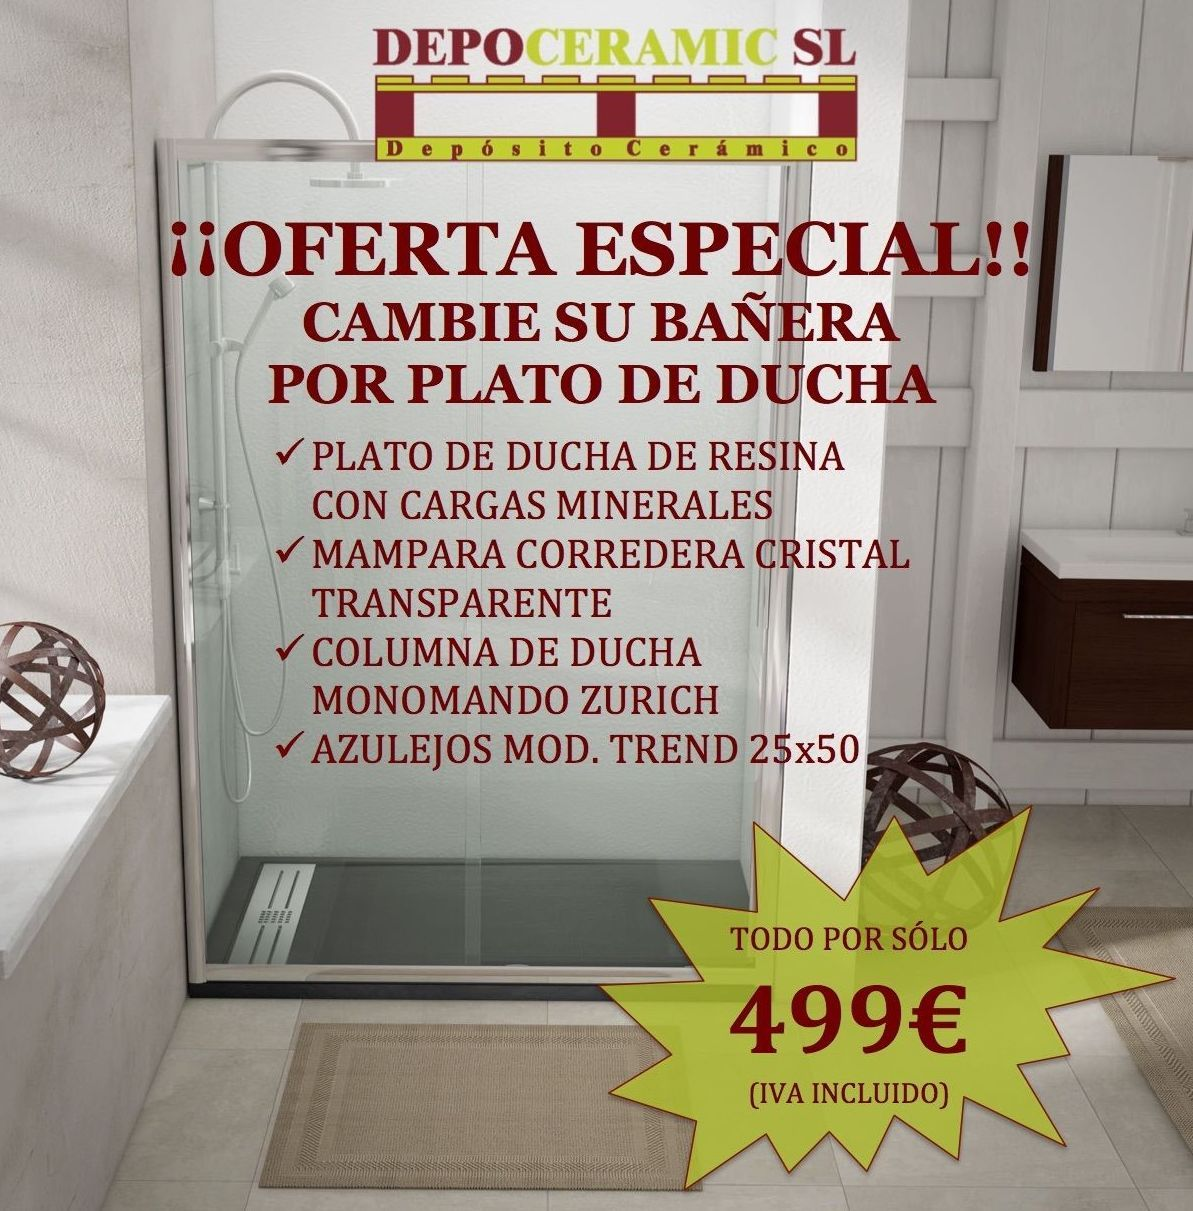 Foto 20 de Cerámicas y azulejos en Fuenlabrada | Depoceramic